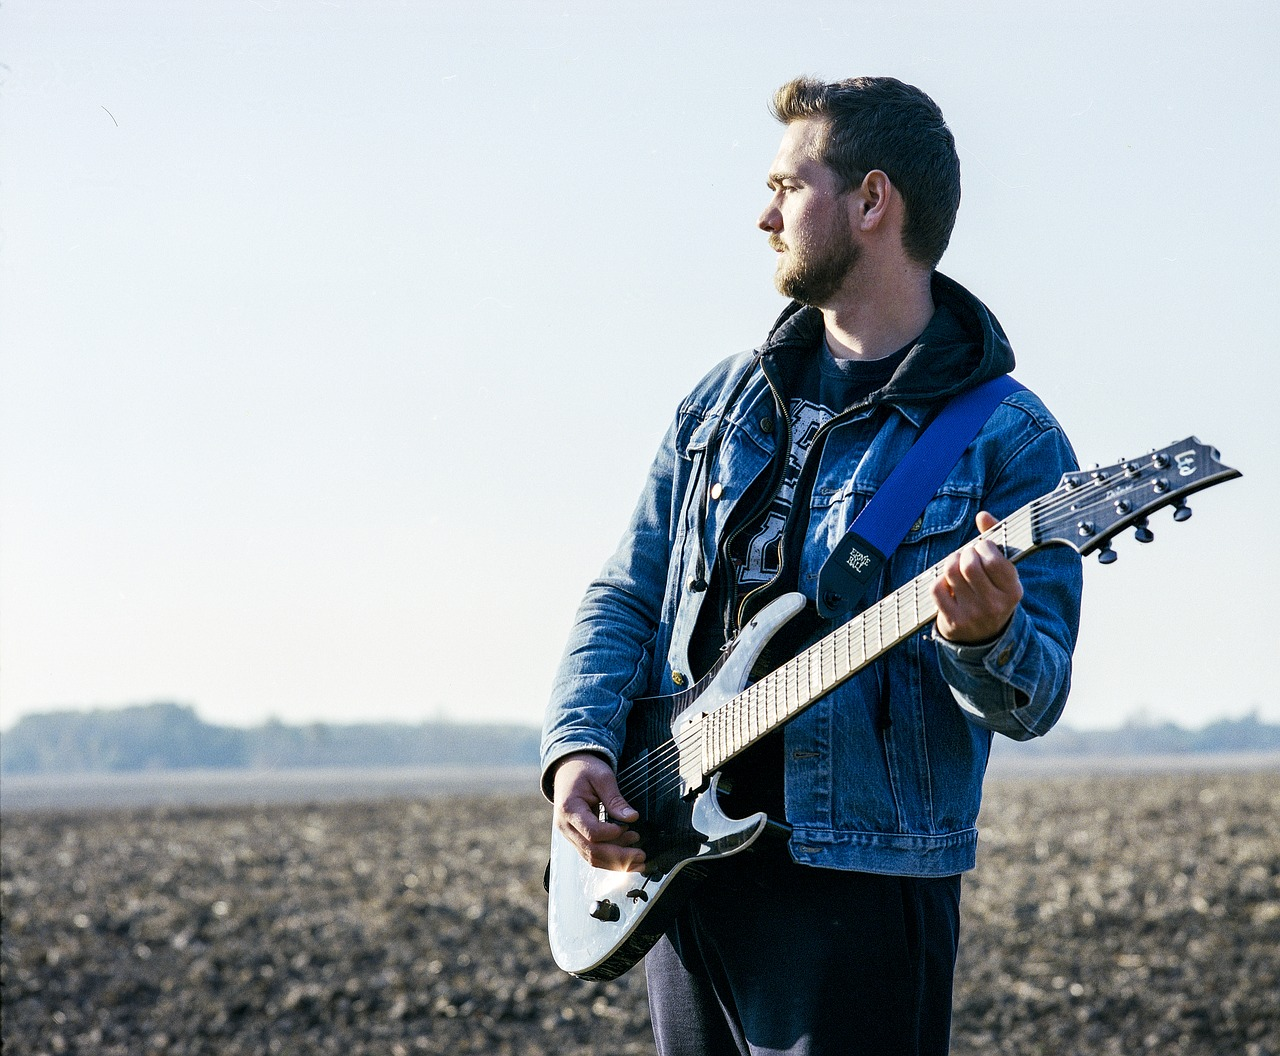 того, как фото мужчин с гитарой форме капсул, предназначенных